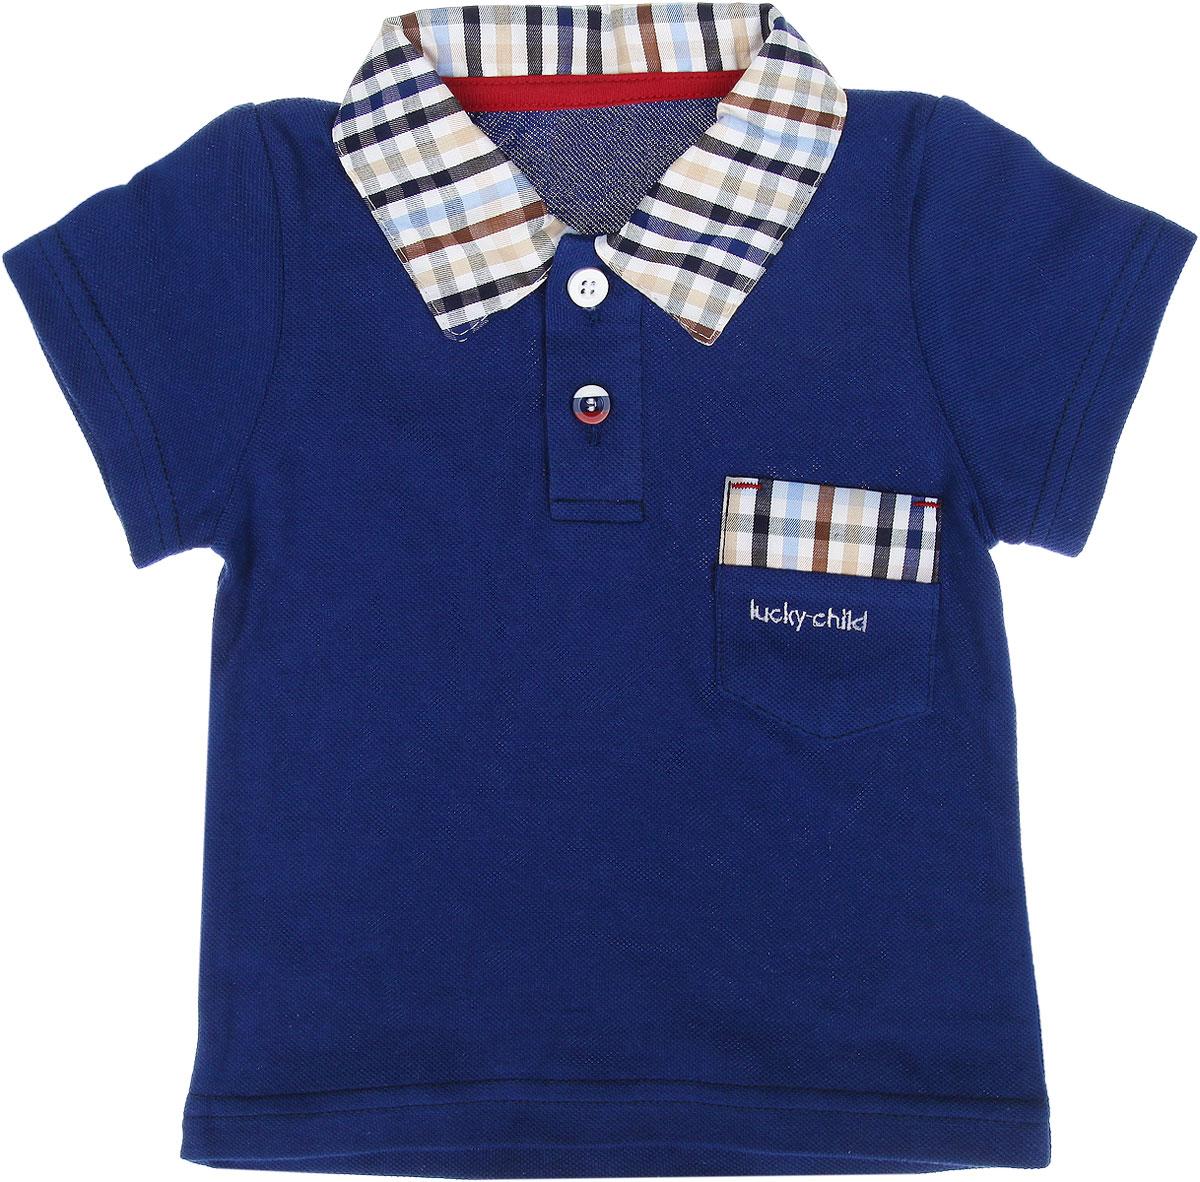 Поло для мальчика Lucky Child, цвет: темно-синий, бежевый. 40-50. Размер 68/7440-50Модная футболка-поло для мальчика Lucky Child идеально подойдет для вашего маленького мужчины. Изготовленная из натурального хлопка, она необычайно мягкая и приятная на ощупь, не сковывает движения и позволяет коже дышать, не раздражает даже самую нежную и чувствительную кожу, обеспечивая наибольший комфорт. Футболка с короткими рукавами и отложным воротником-поло спереди застегивается на две пуговицы. На груди предусмотрен накладной кармашек. Воротник и верхняя часть кармана оформлены принтом в клетку. Современный дизайн и расцветка делают эту футболку модным и стильным предметом детского гардероба. В ней ваш ребенок будет чувствовать себя уютно и комфортно, и всегда будет в центре внимания!